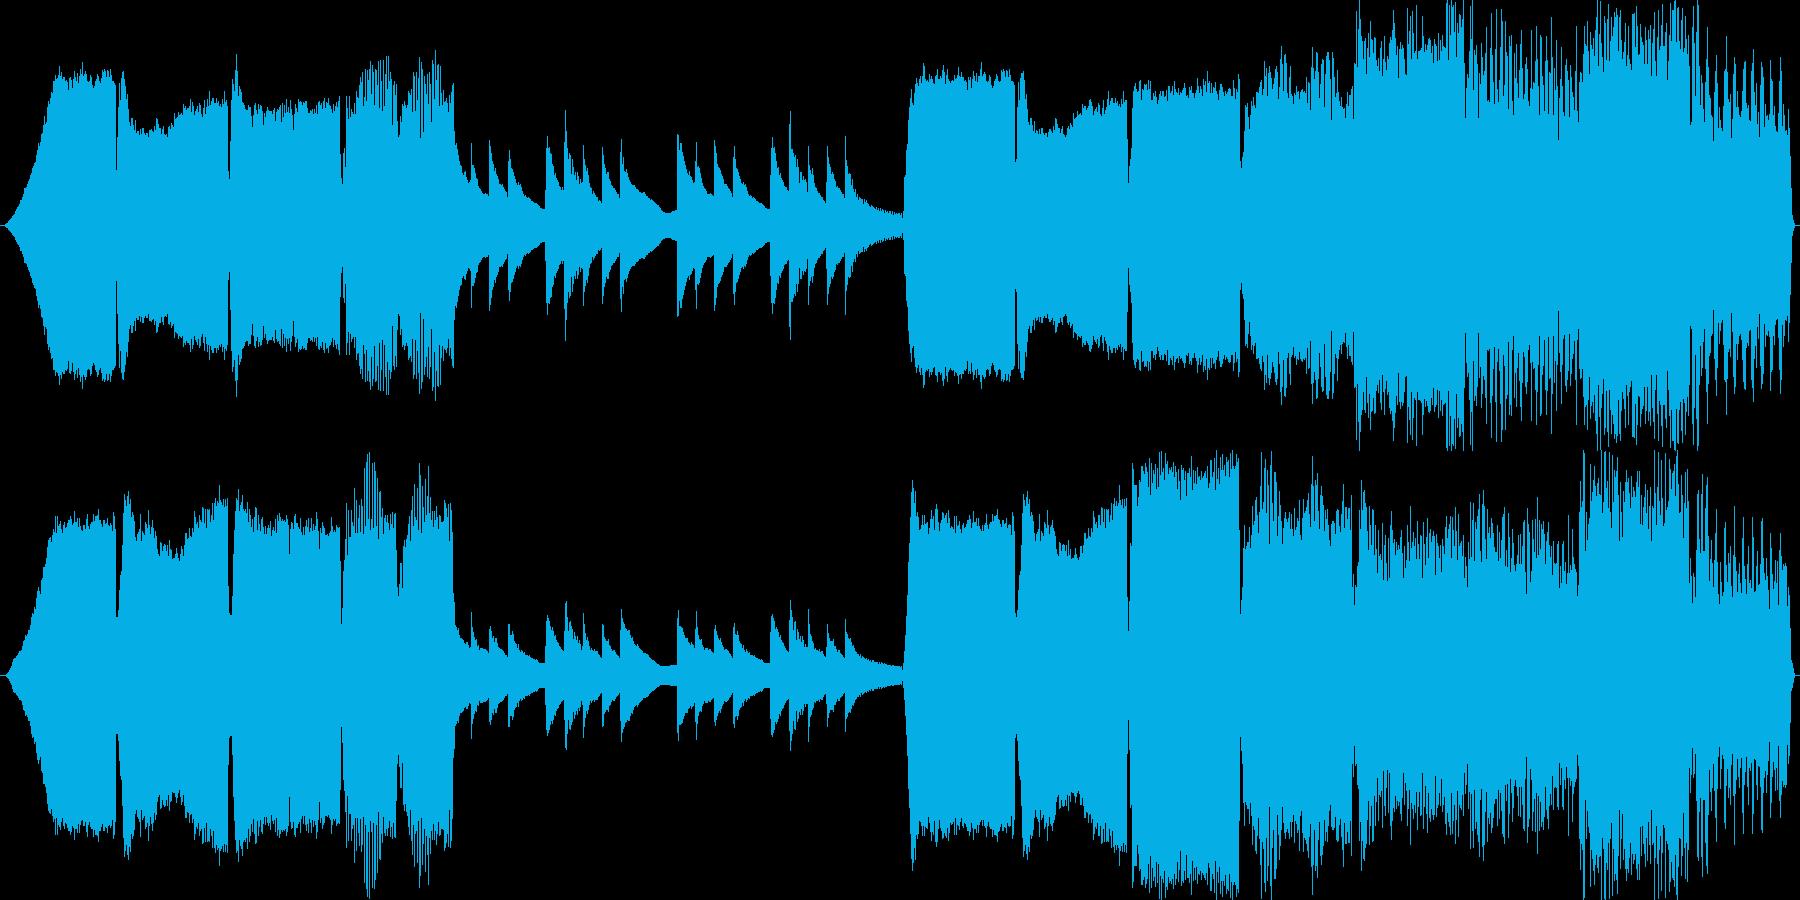 ミステリーホラー系ループ音源の再生済みの波形